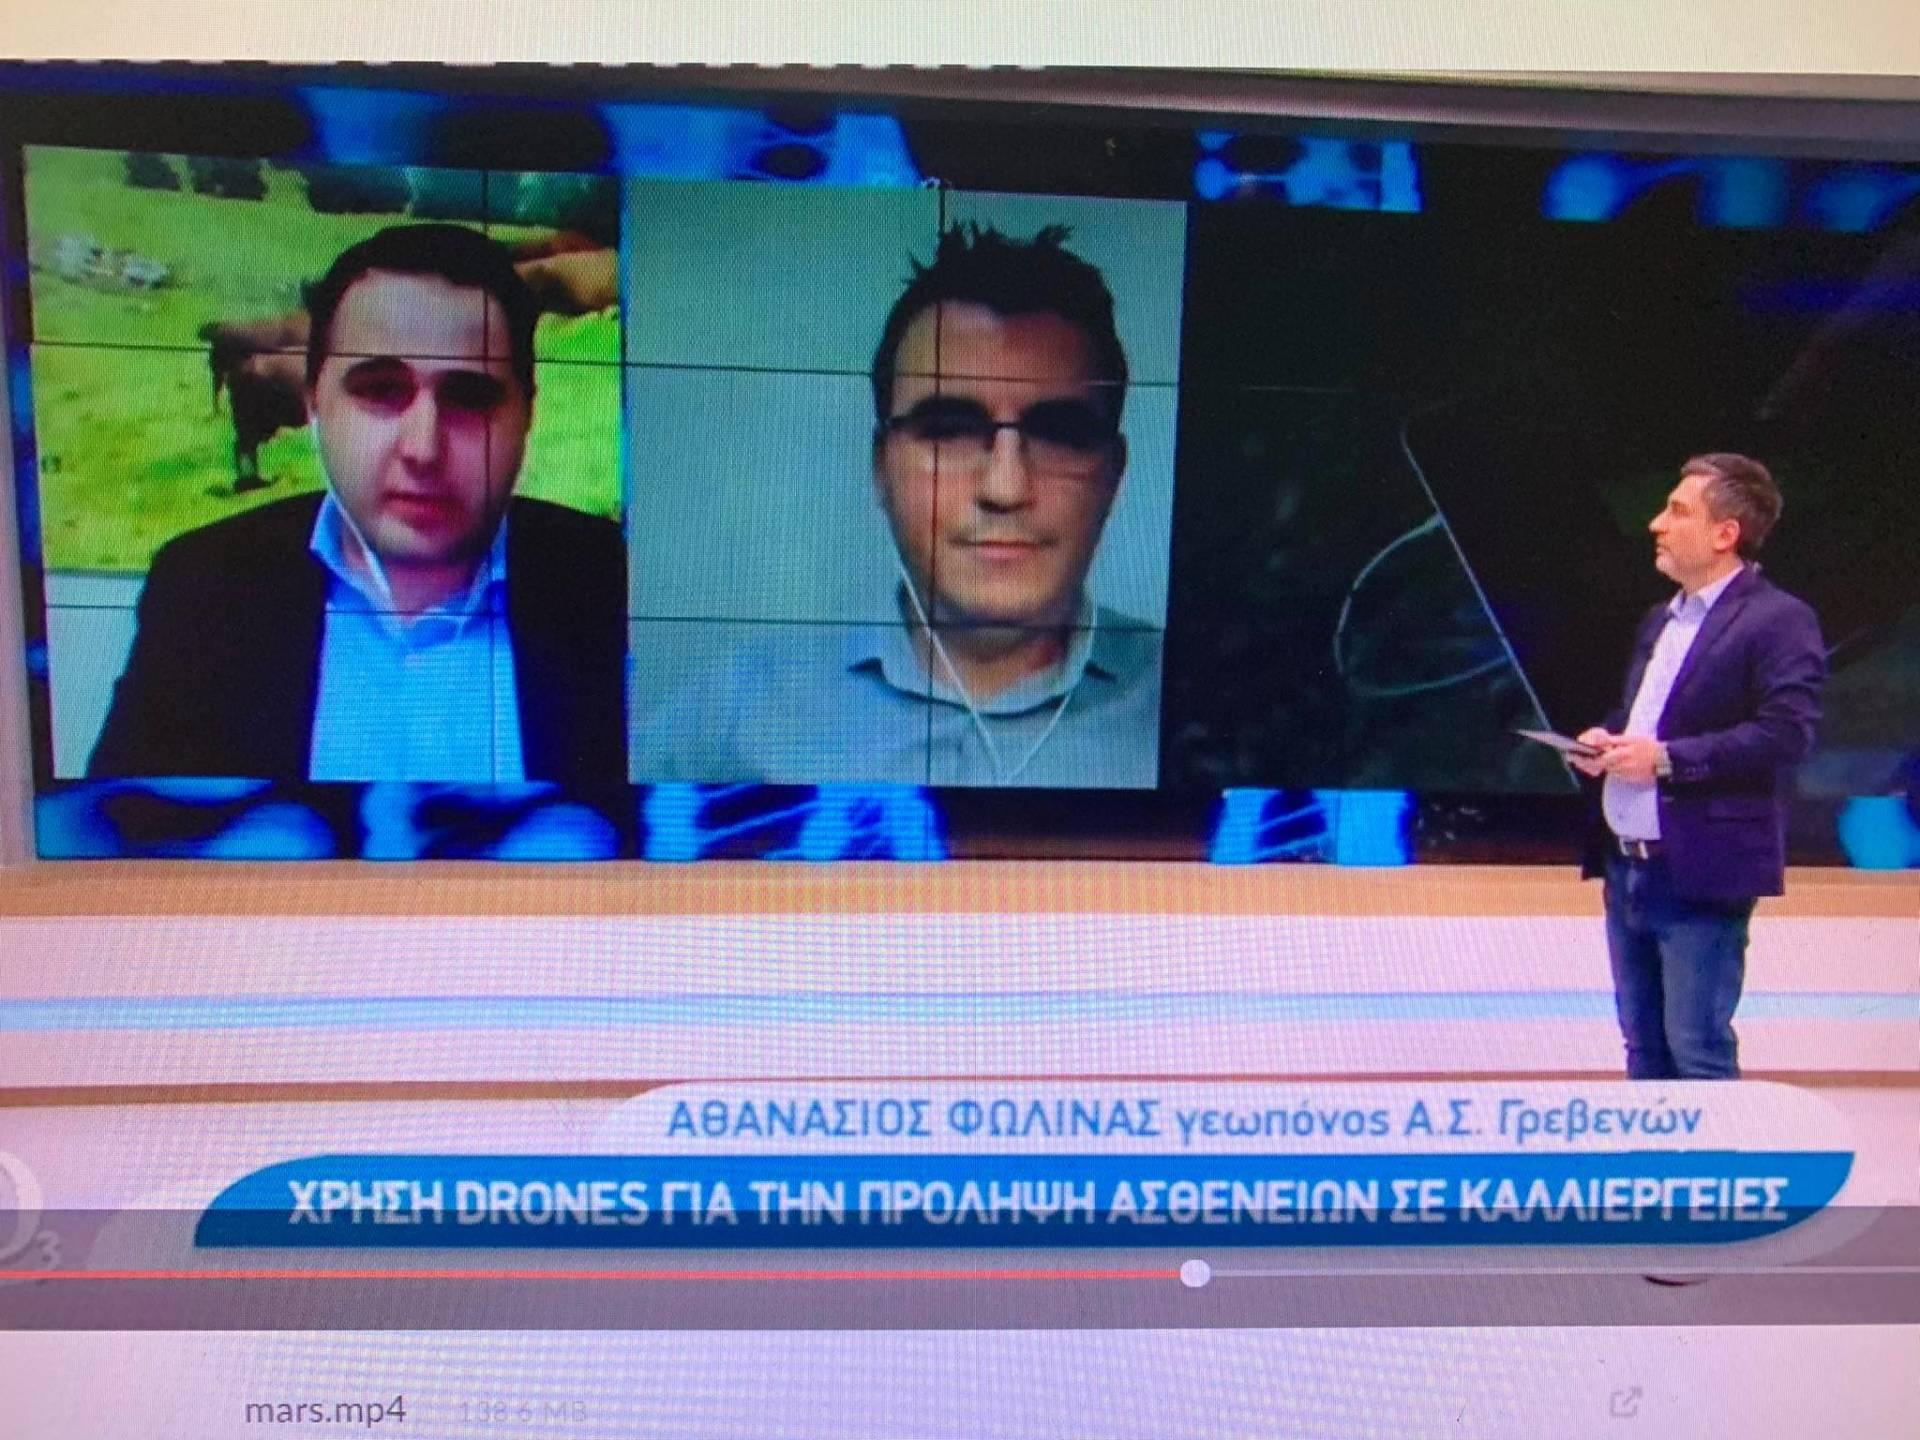 Ο Σάκης Φωλίνας στην ΕΡΤ3 για την γεωργία ακριβείας και την χρήση των drones  για την πρόληψη των ασθενειών στην περιοχή των Γρεβενών (βίντεο)